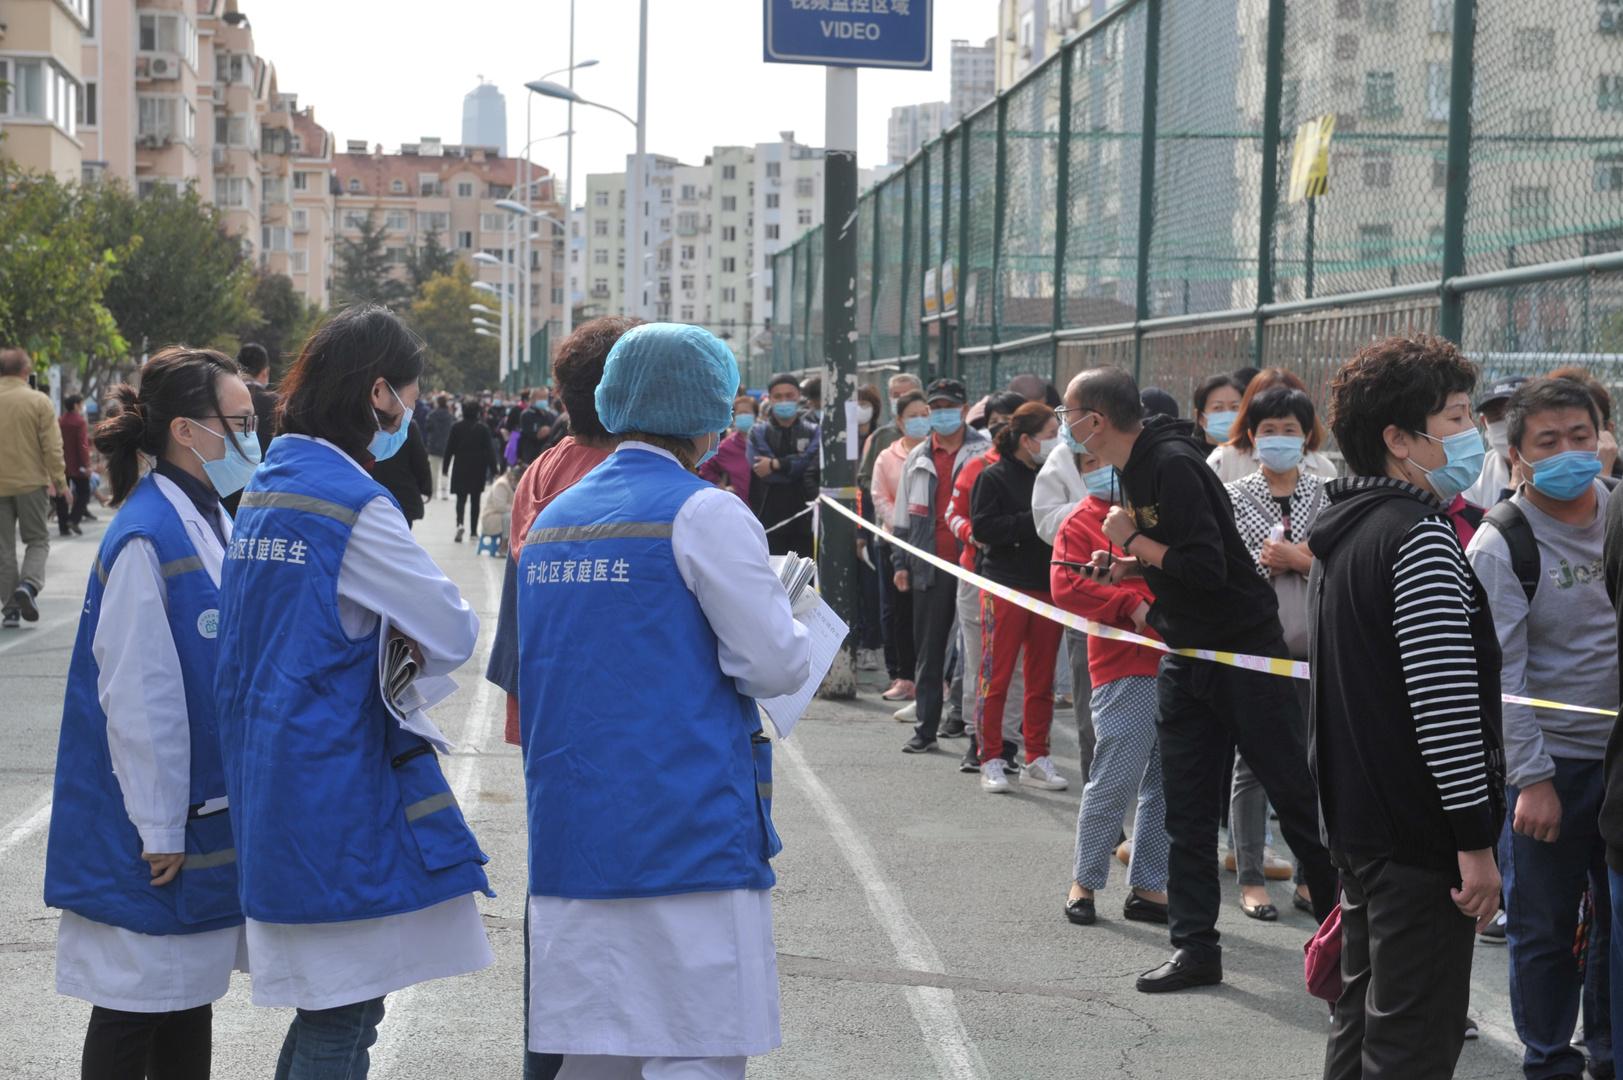 مليون شخص تم تطعيمهم بلقاح كورونا في بكين وسط مخاوف من عودة الوباء في بلدات محاذية